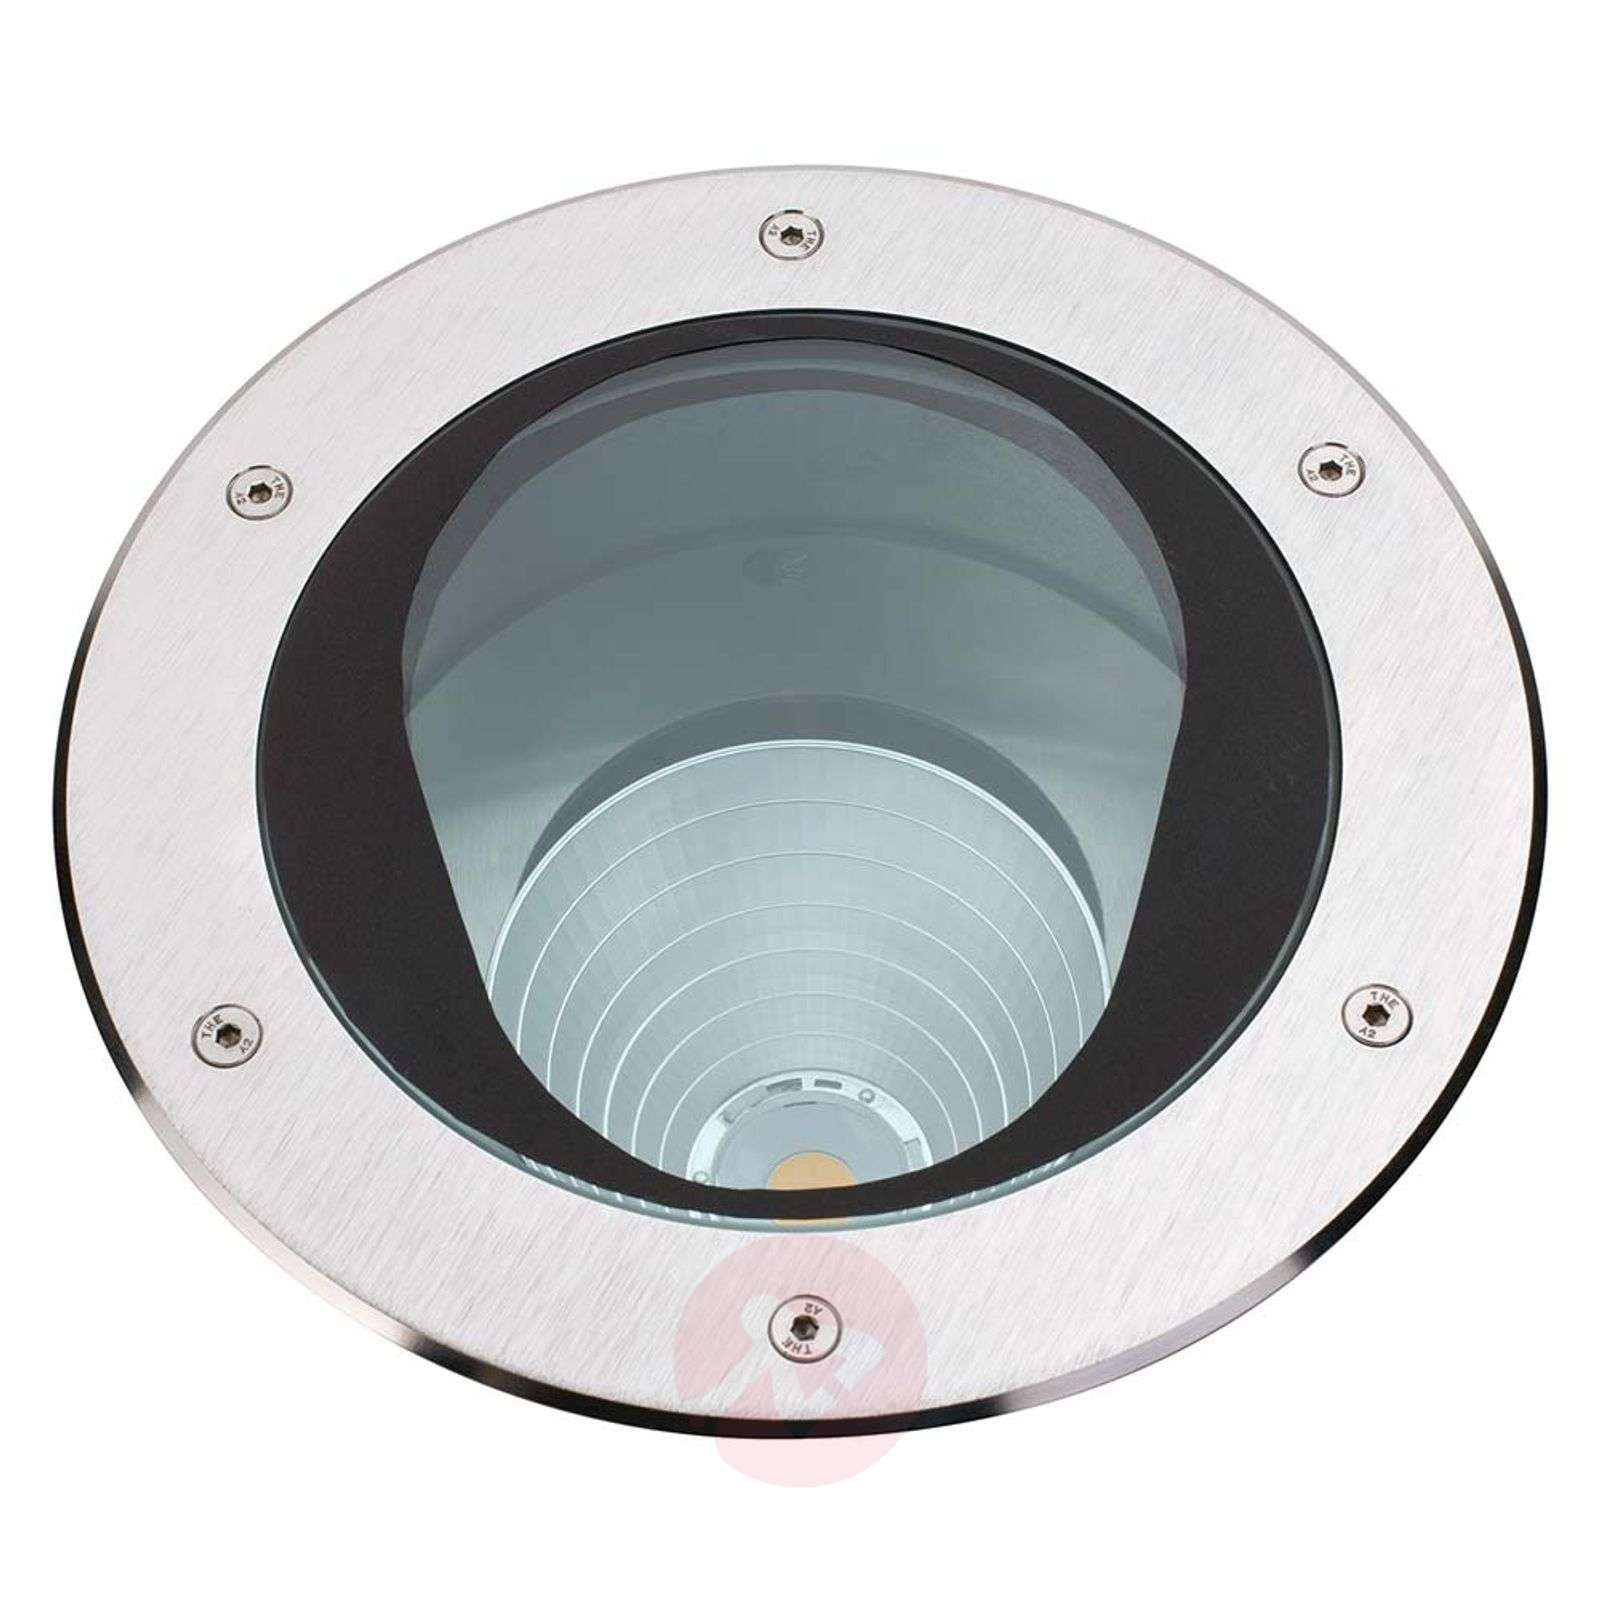 Käännettävä, upotettava Titus-LED-maaspotti 16 W-4000335-01